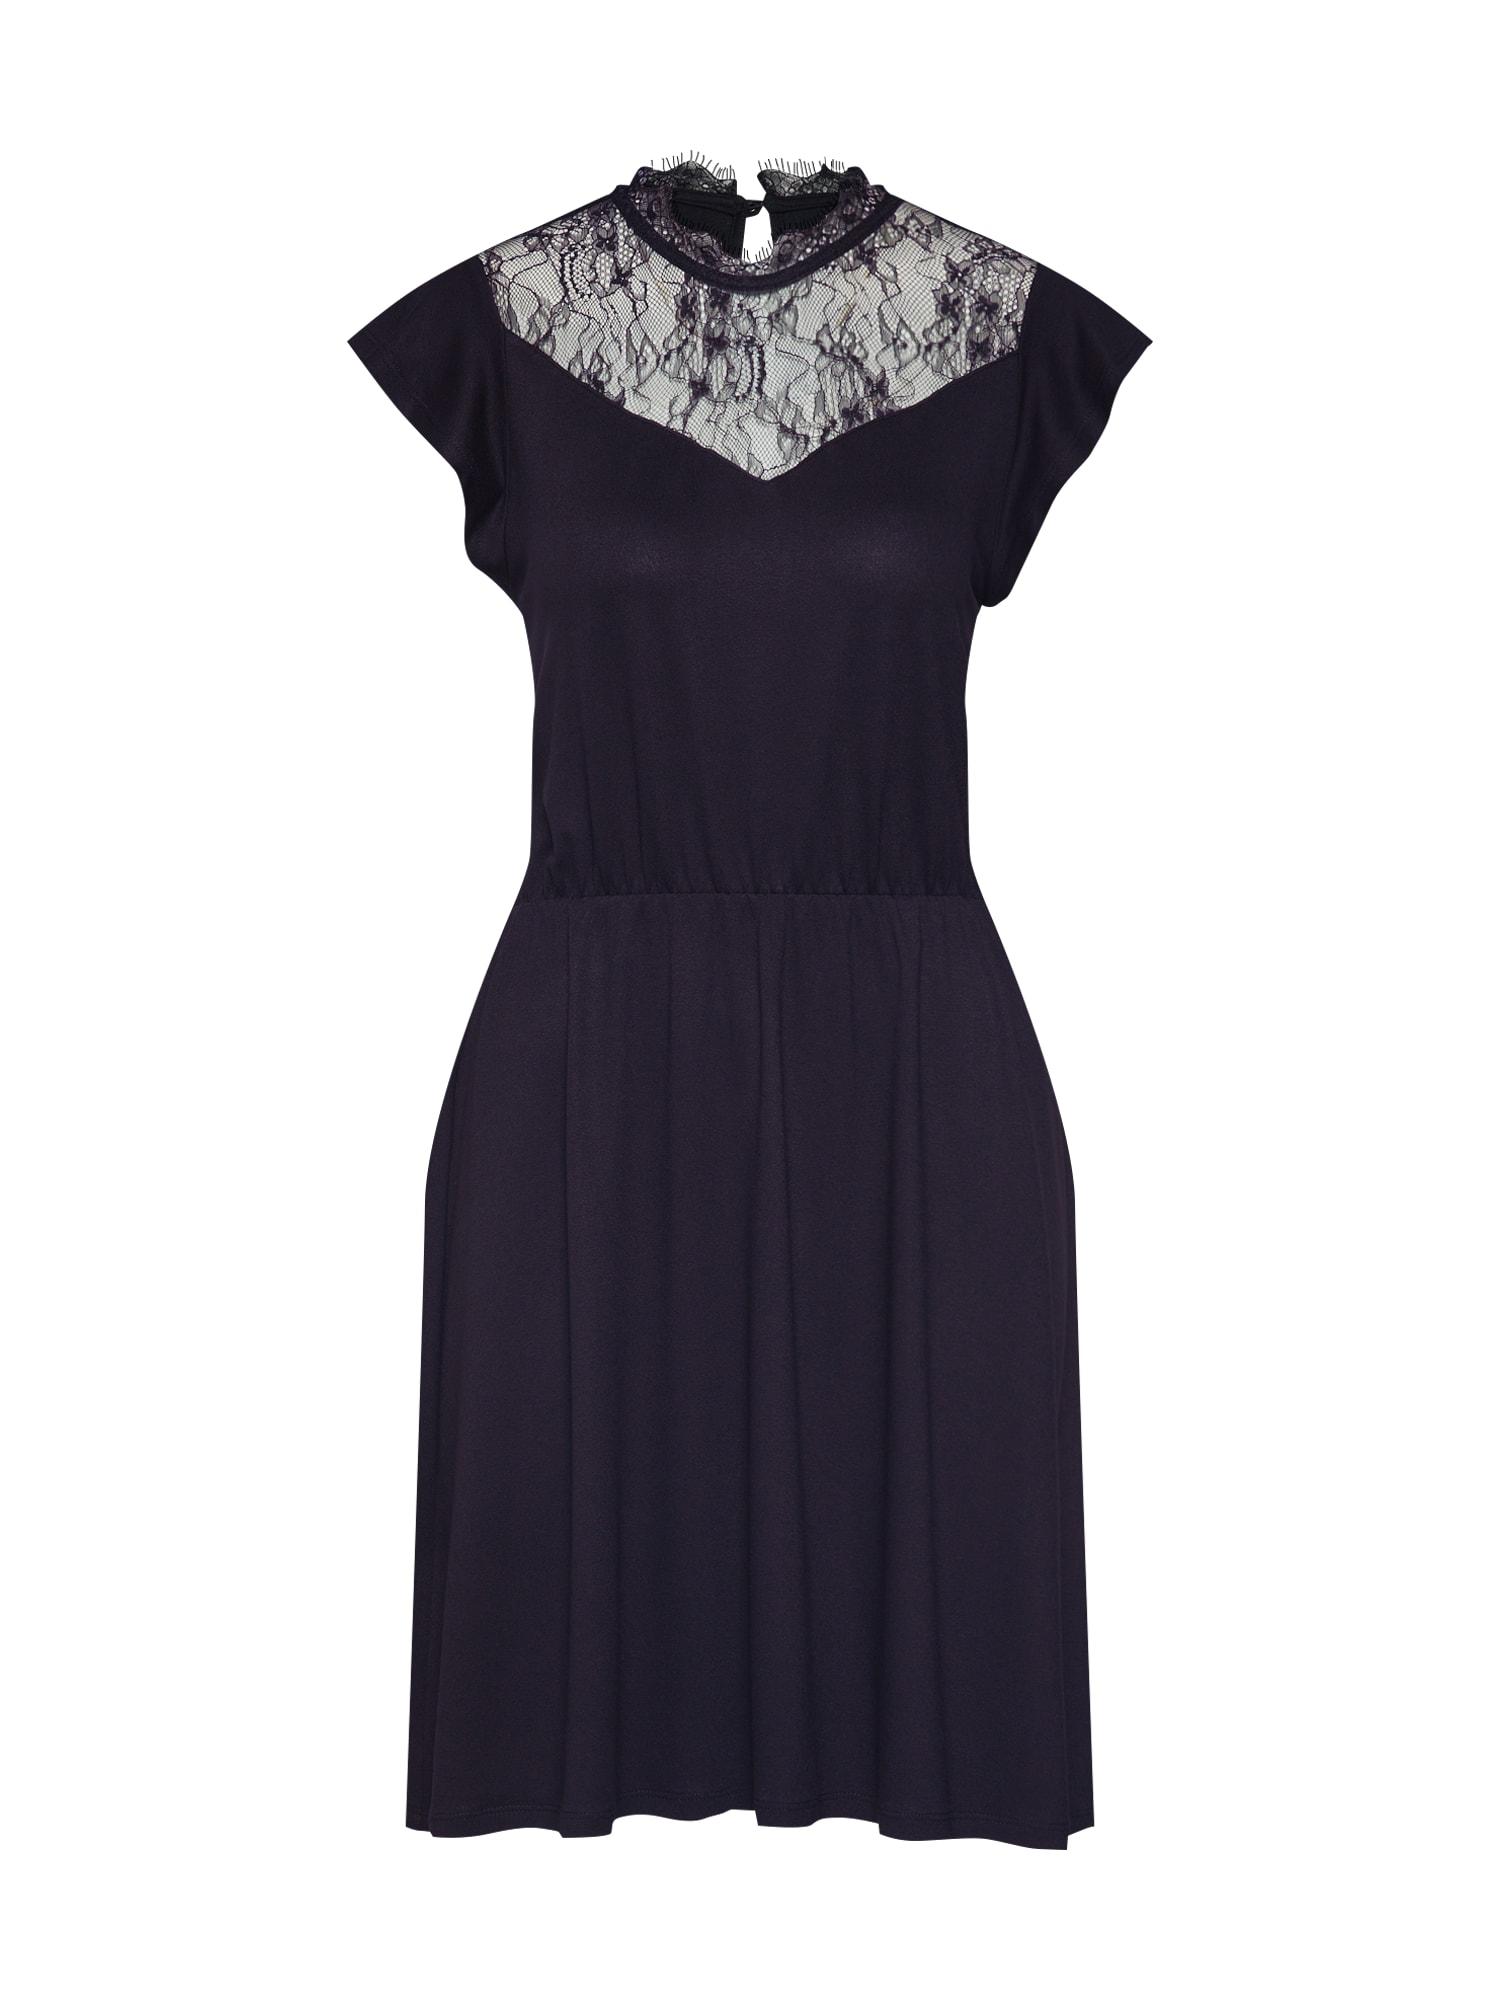 Šaty ONLAMILA CAP SLEEVE DRESS JRS černá ONLY